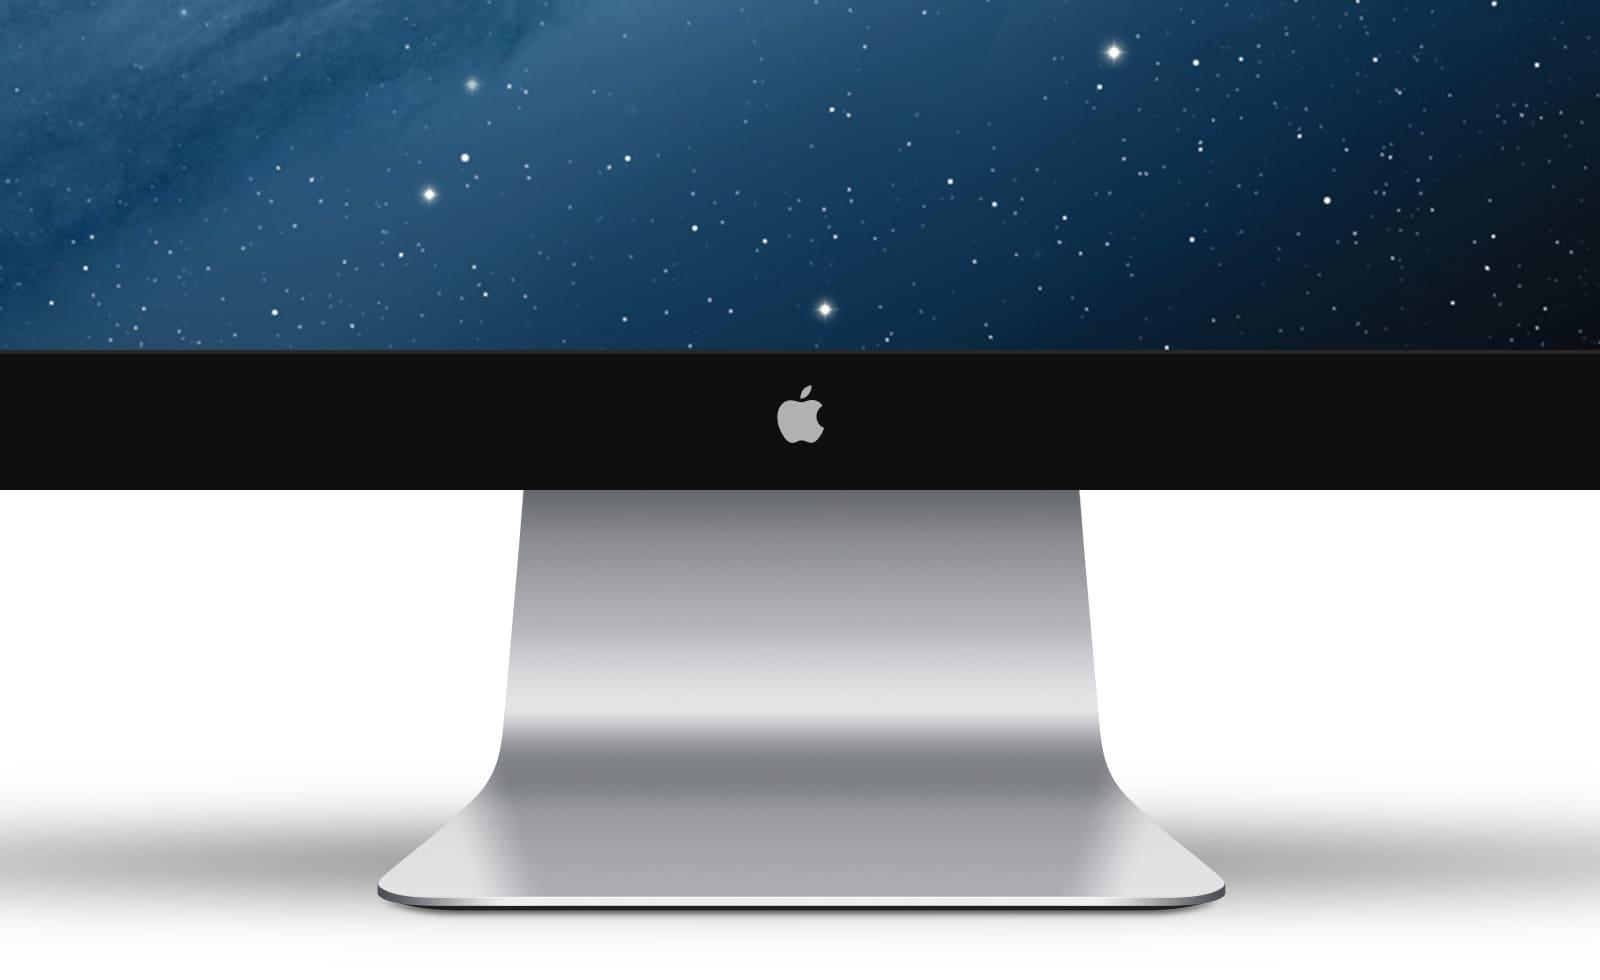 apple-ekran-uretmeyecek